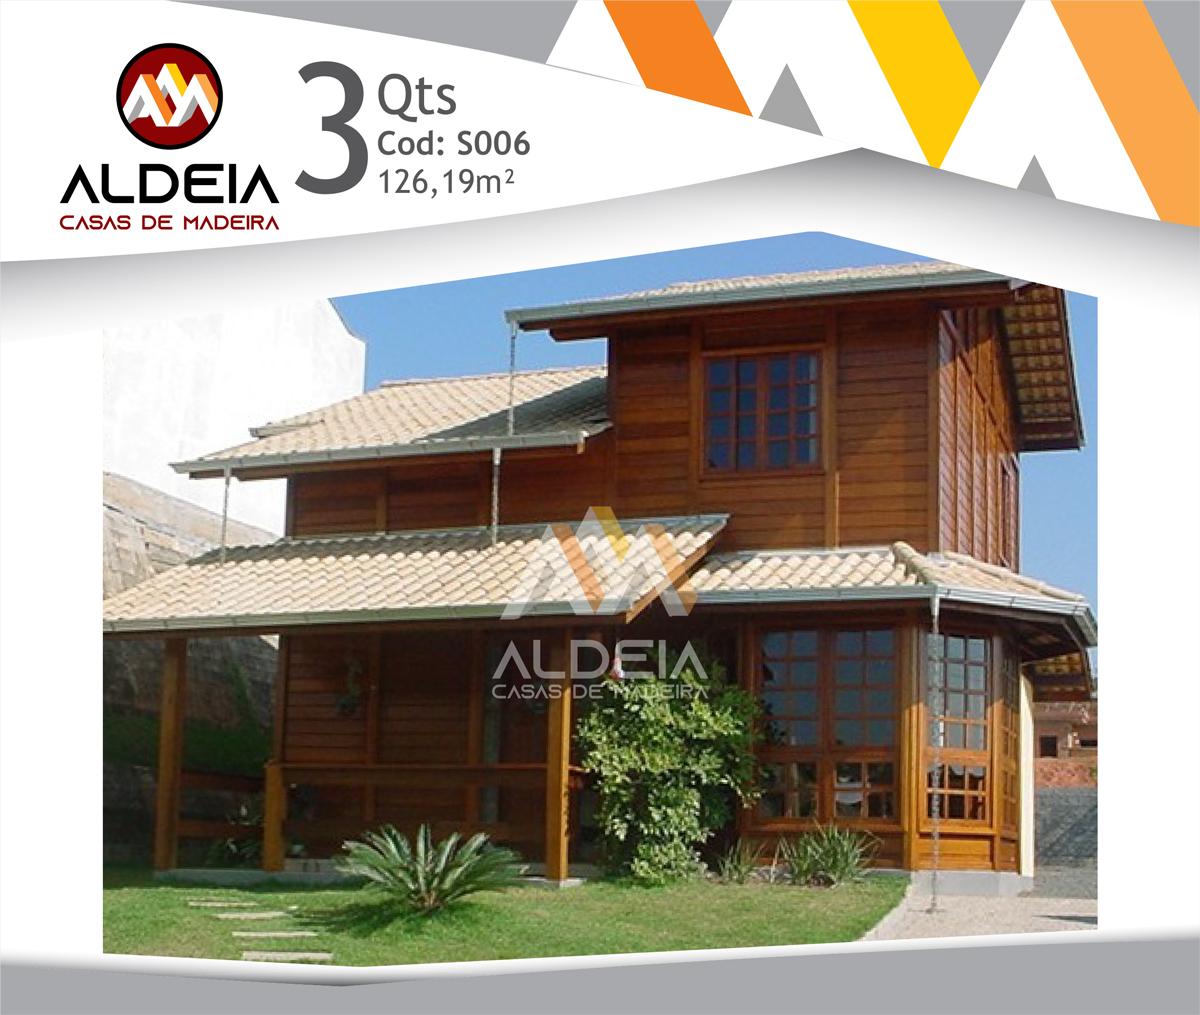 aldeia-casas-madeira-fachada-S006